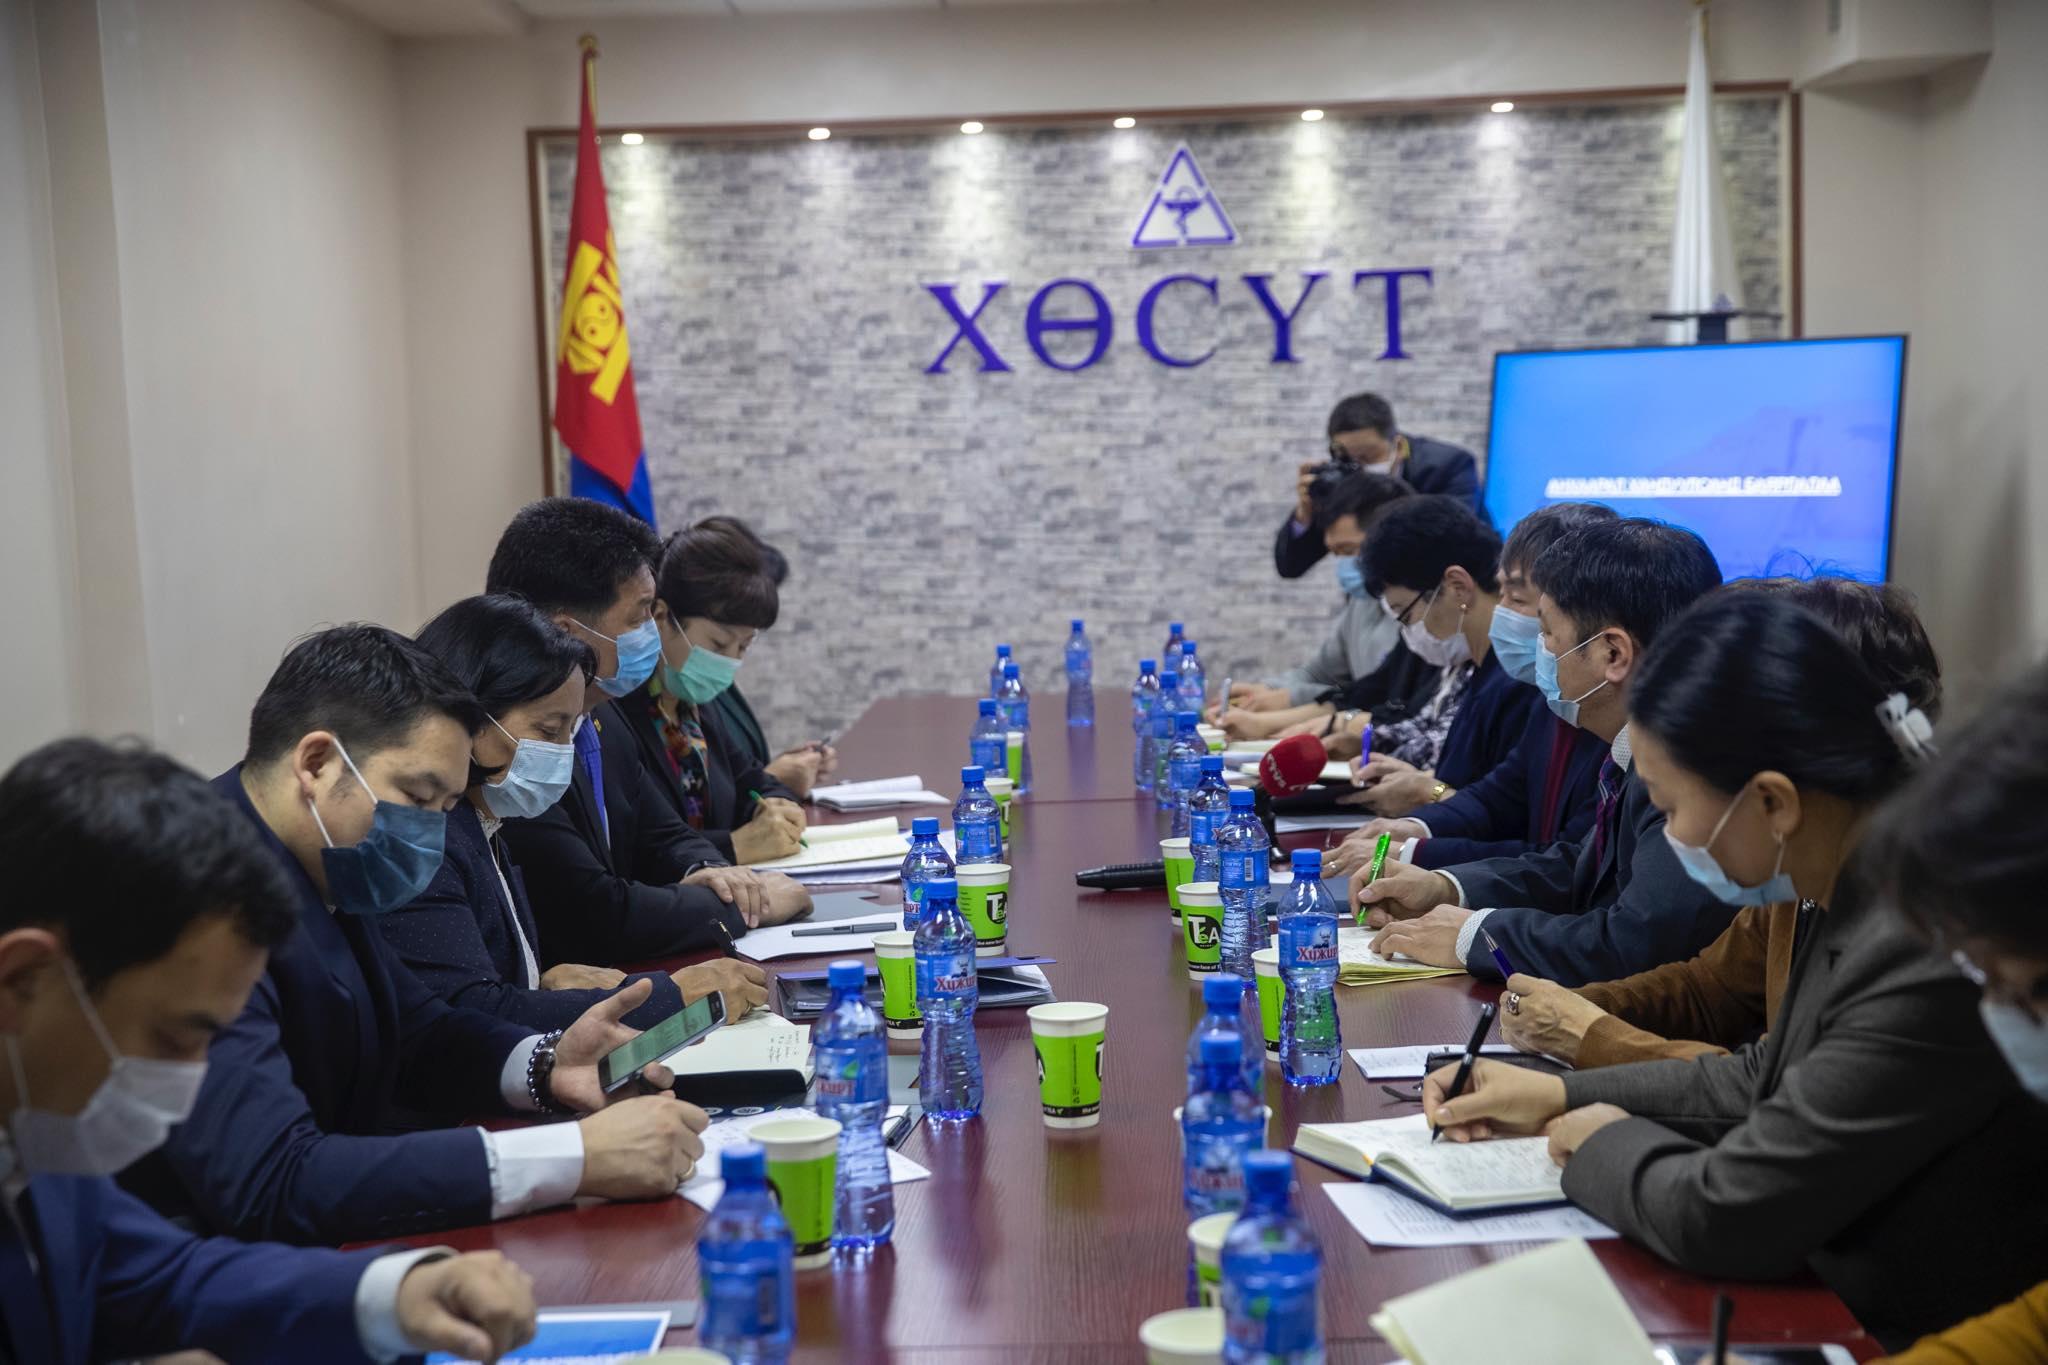 У. Хүрэлсүх: Иргэн хүн өөрийнхөө, бусдын, гэр бүлийнхээ эрүүл мэндийг хамгаалах ёстой. Энэ бол Монгол хүний үүрэг гэж ойлгох хэрэгтэй